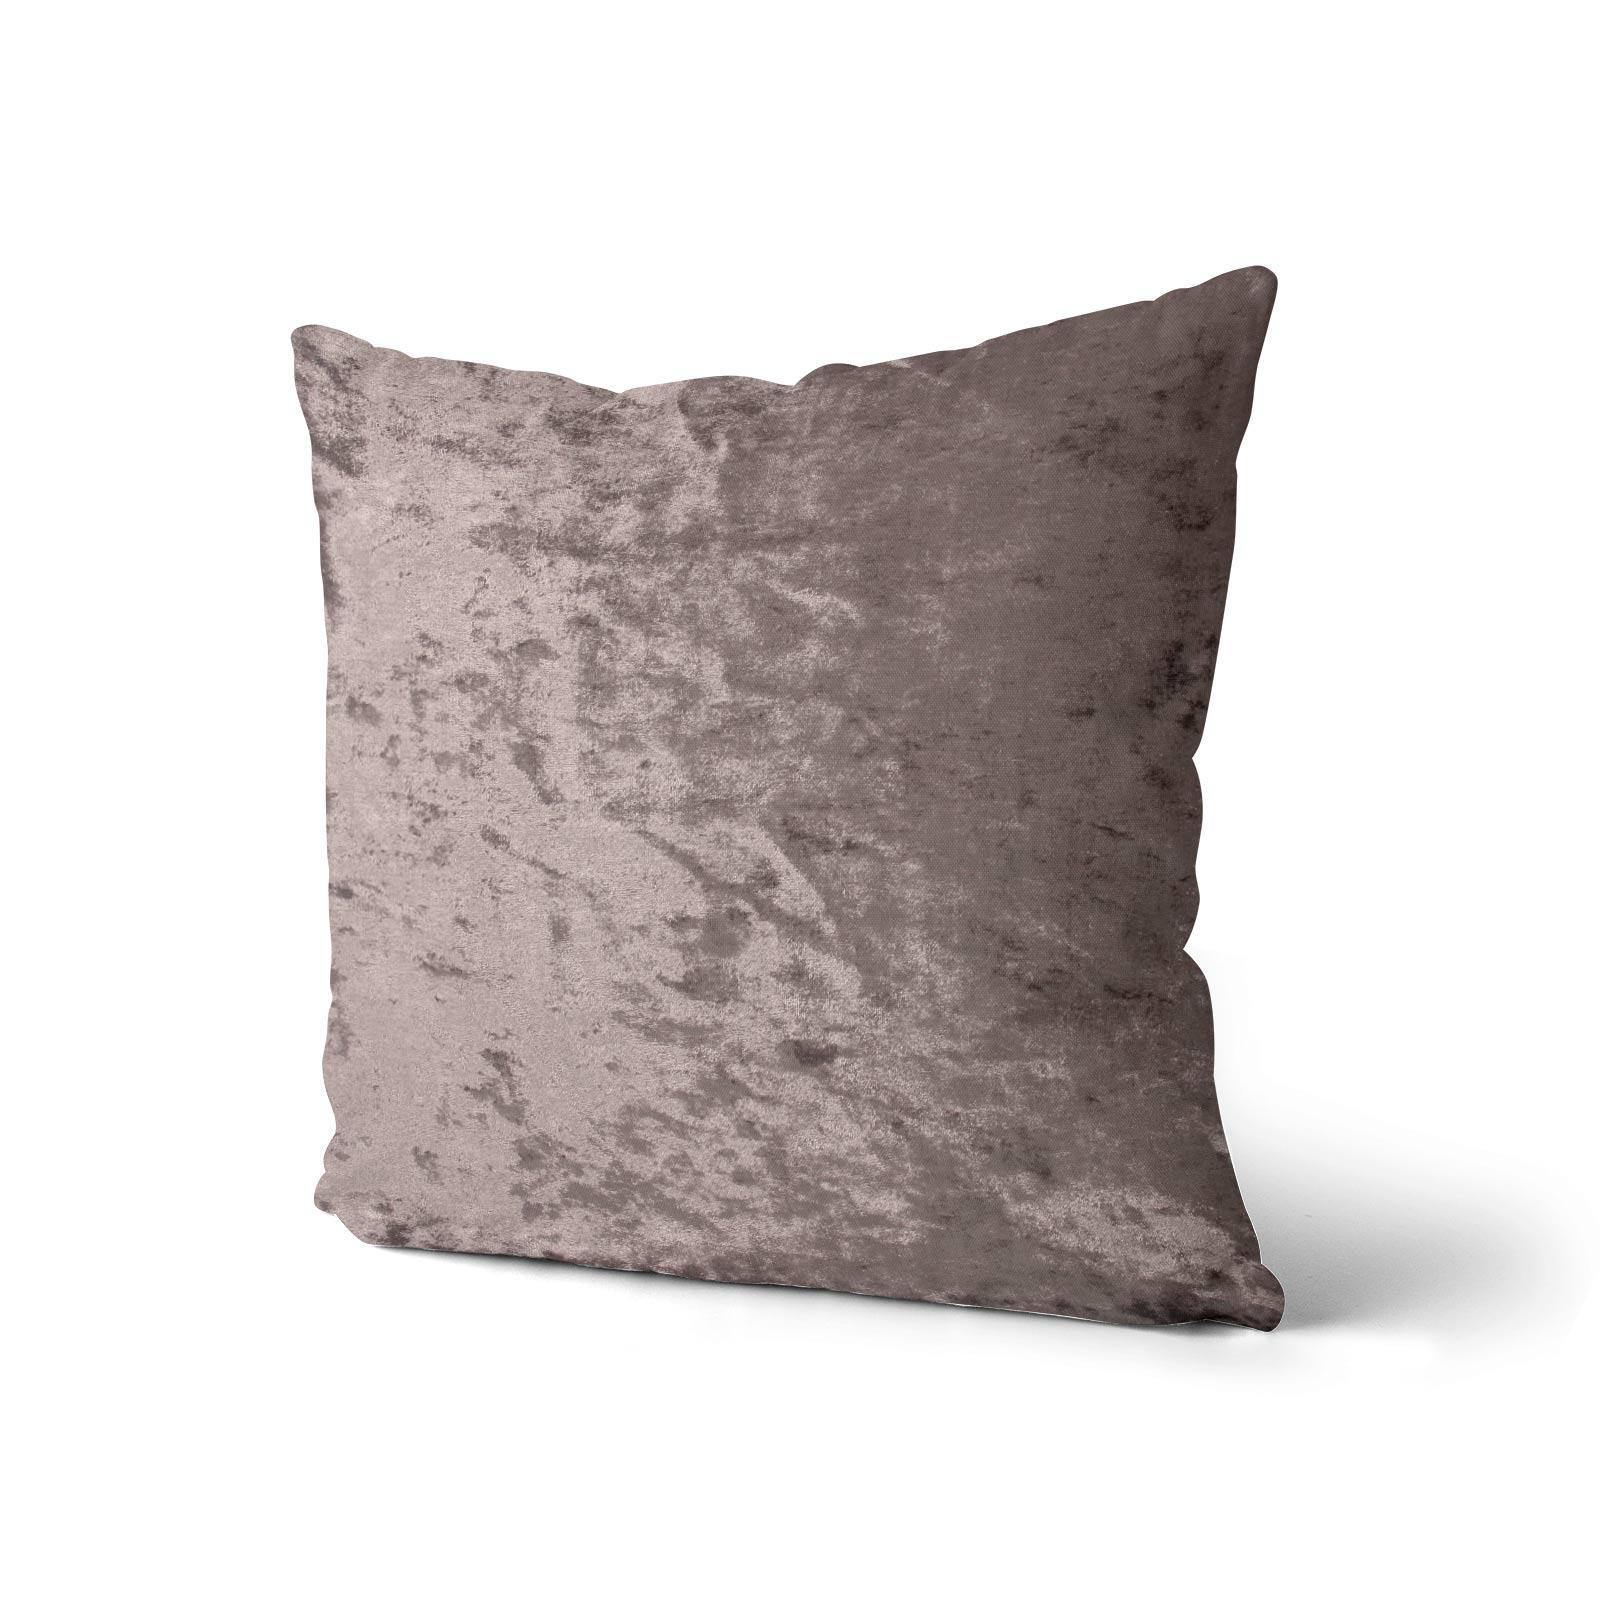 Cuscino-di-velluto-schiacciato-copre-GLAM-Tinta-Unita-Copricuscino-18-034-x-18-034-45cm-x-45cm miniatura 47